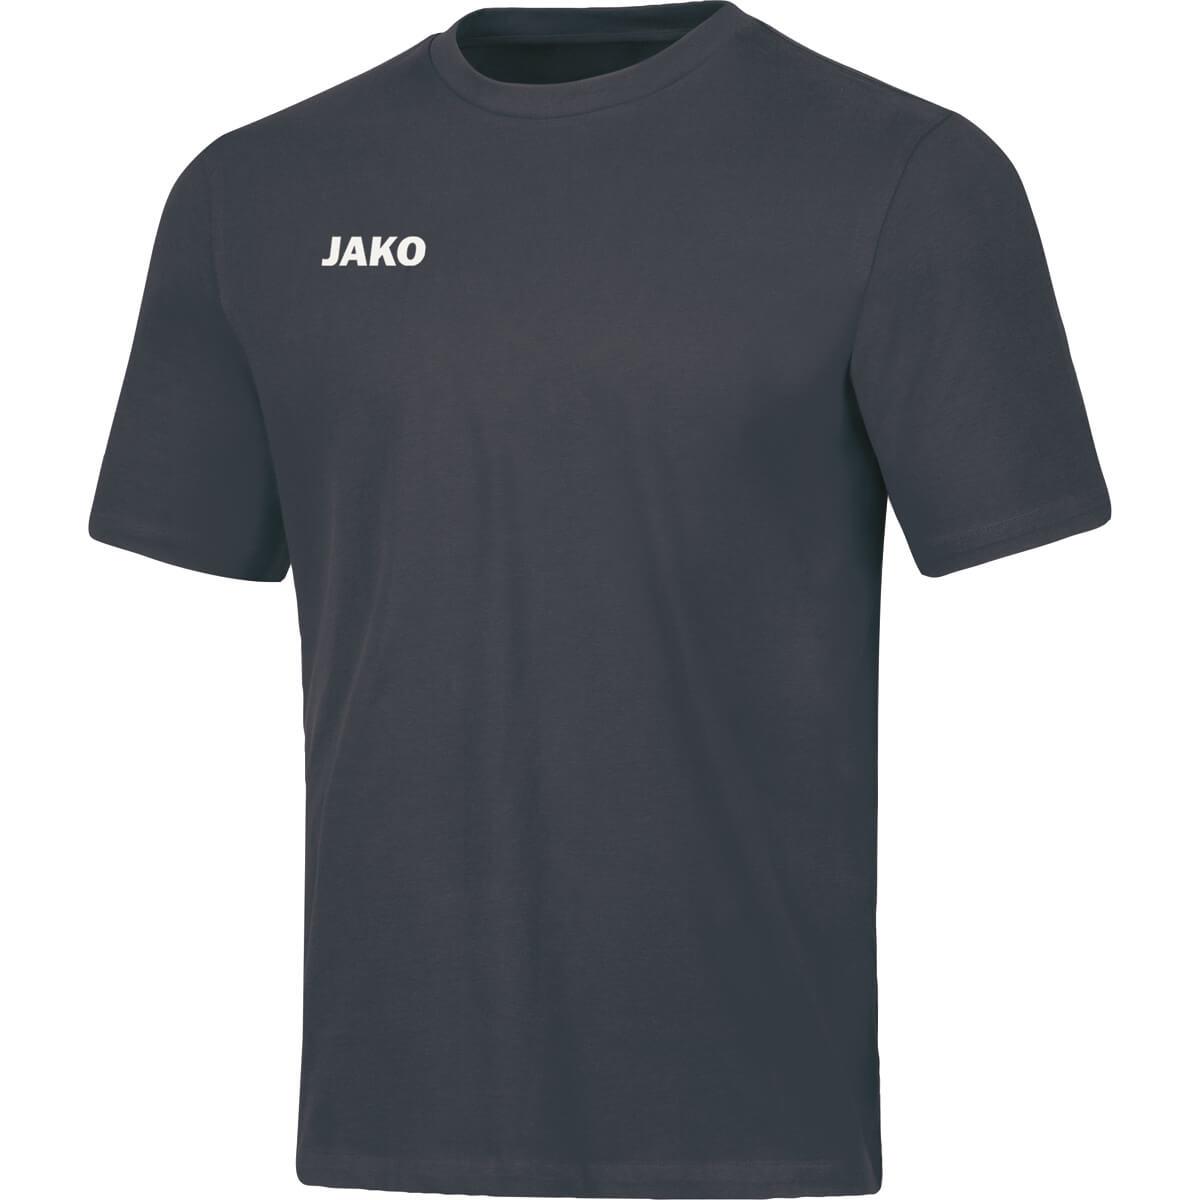 T-Shirt Base - Herren | Jako 6165